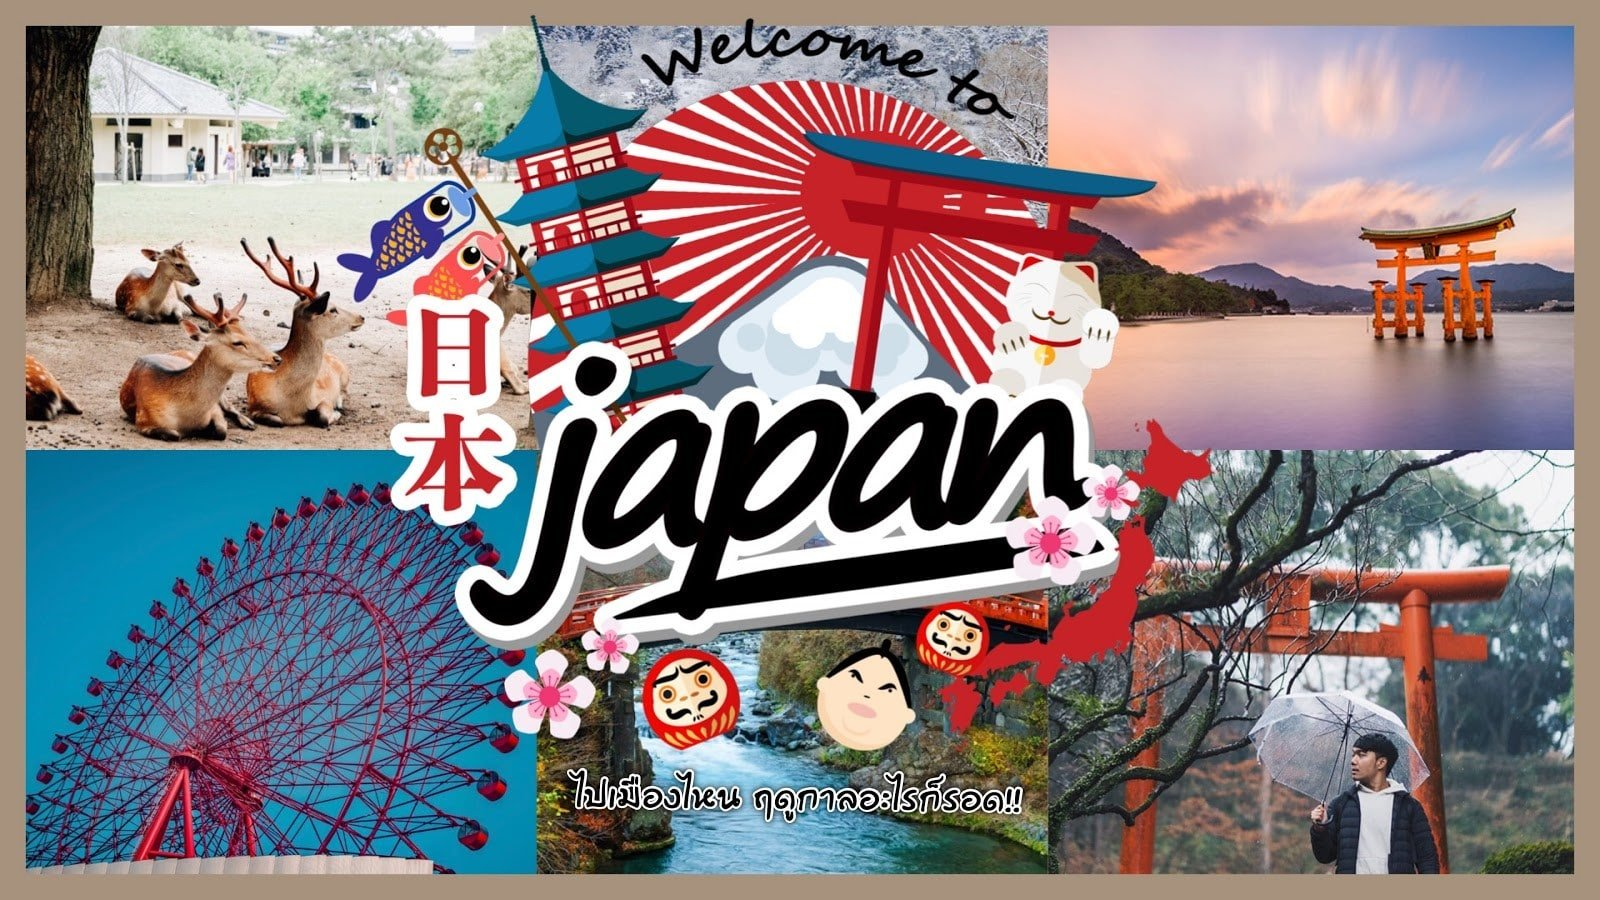 ทัวร์ญี่ปุ่น – เที่ยวญี่ปุ่นแบบดีต่อใจ ไปเมืองไหน ฤดูกาลอะไรก็รอด